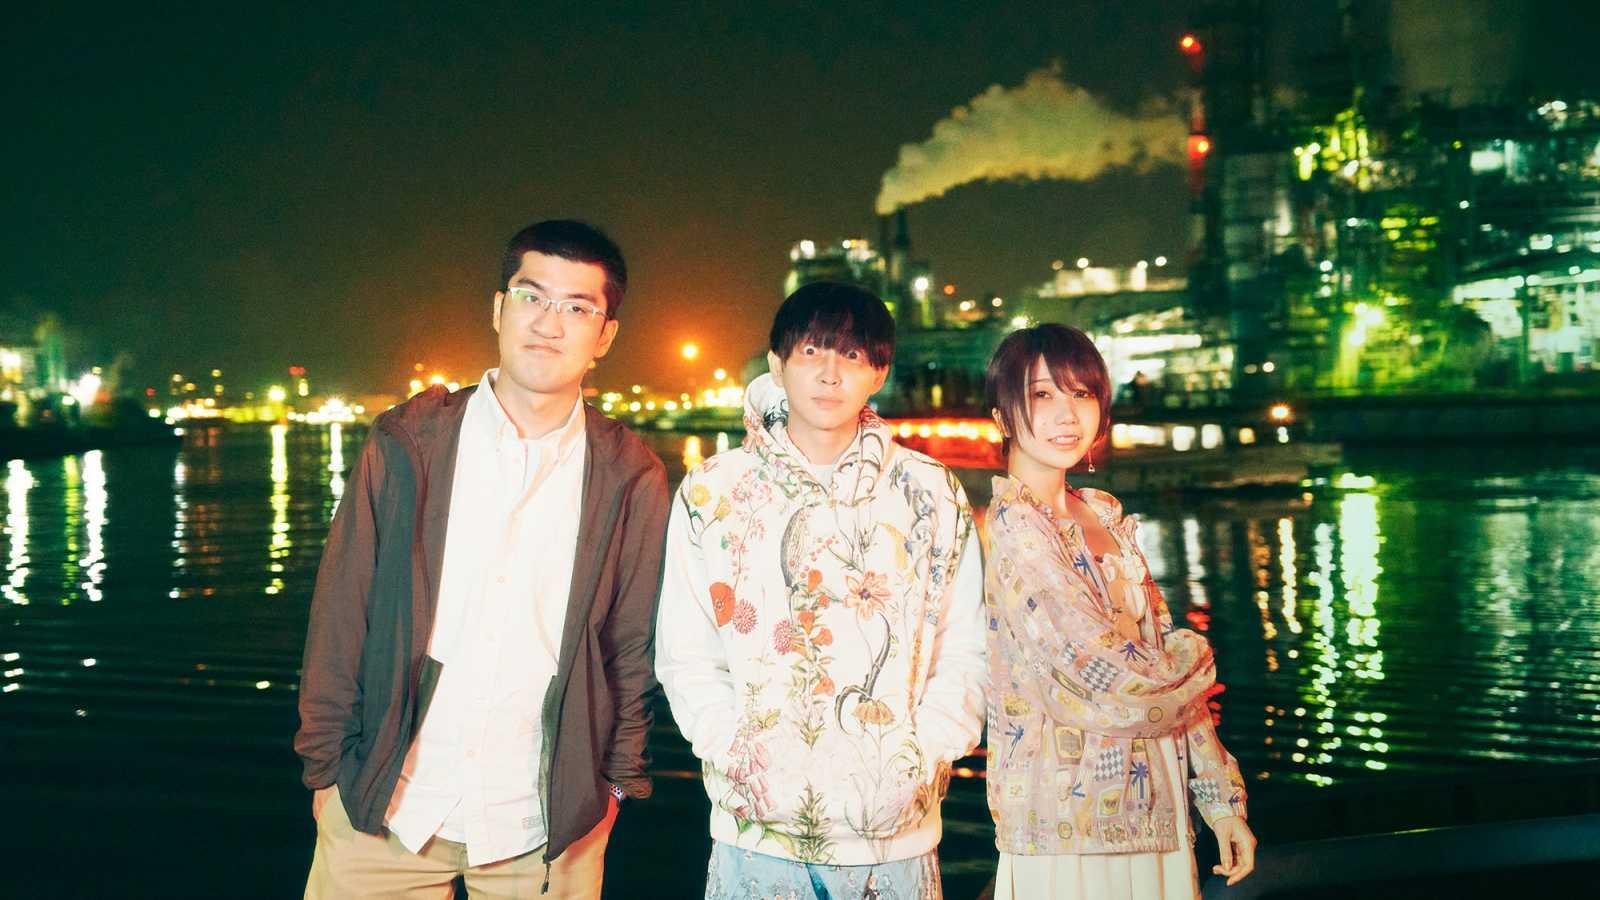 Shinsei Kamattechan to Live Stream